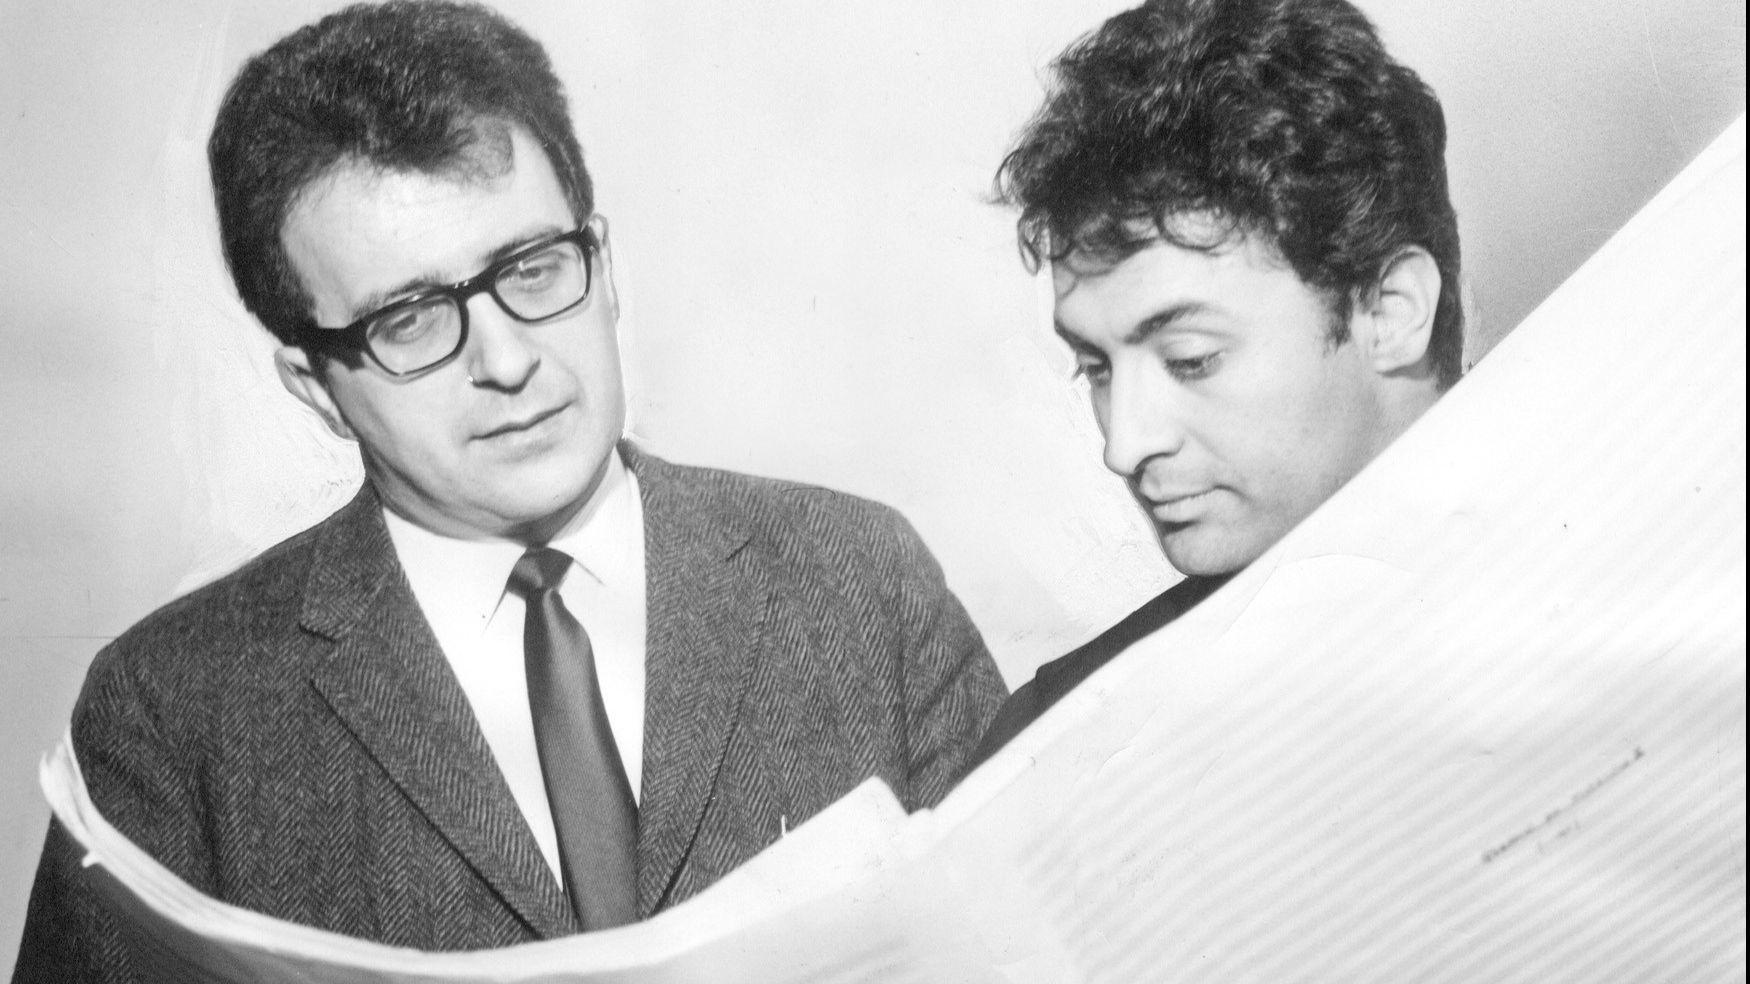 Luciano Berio and Zubin Mehta